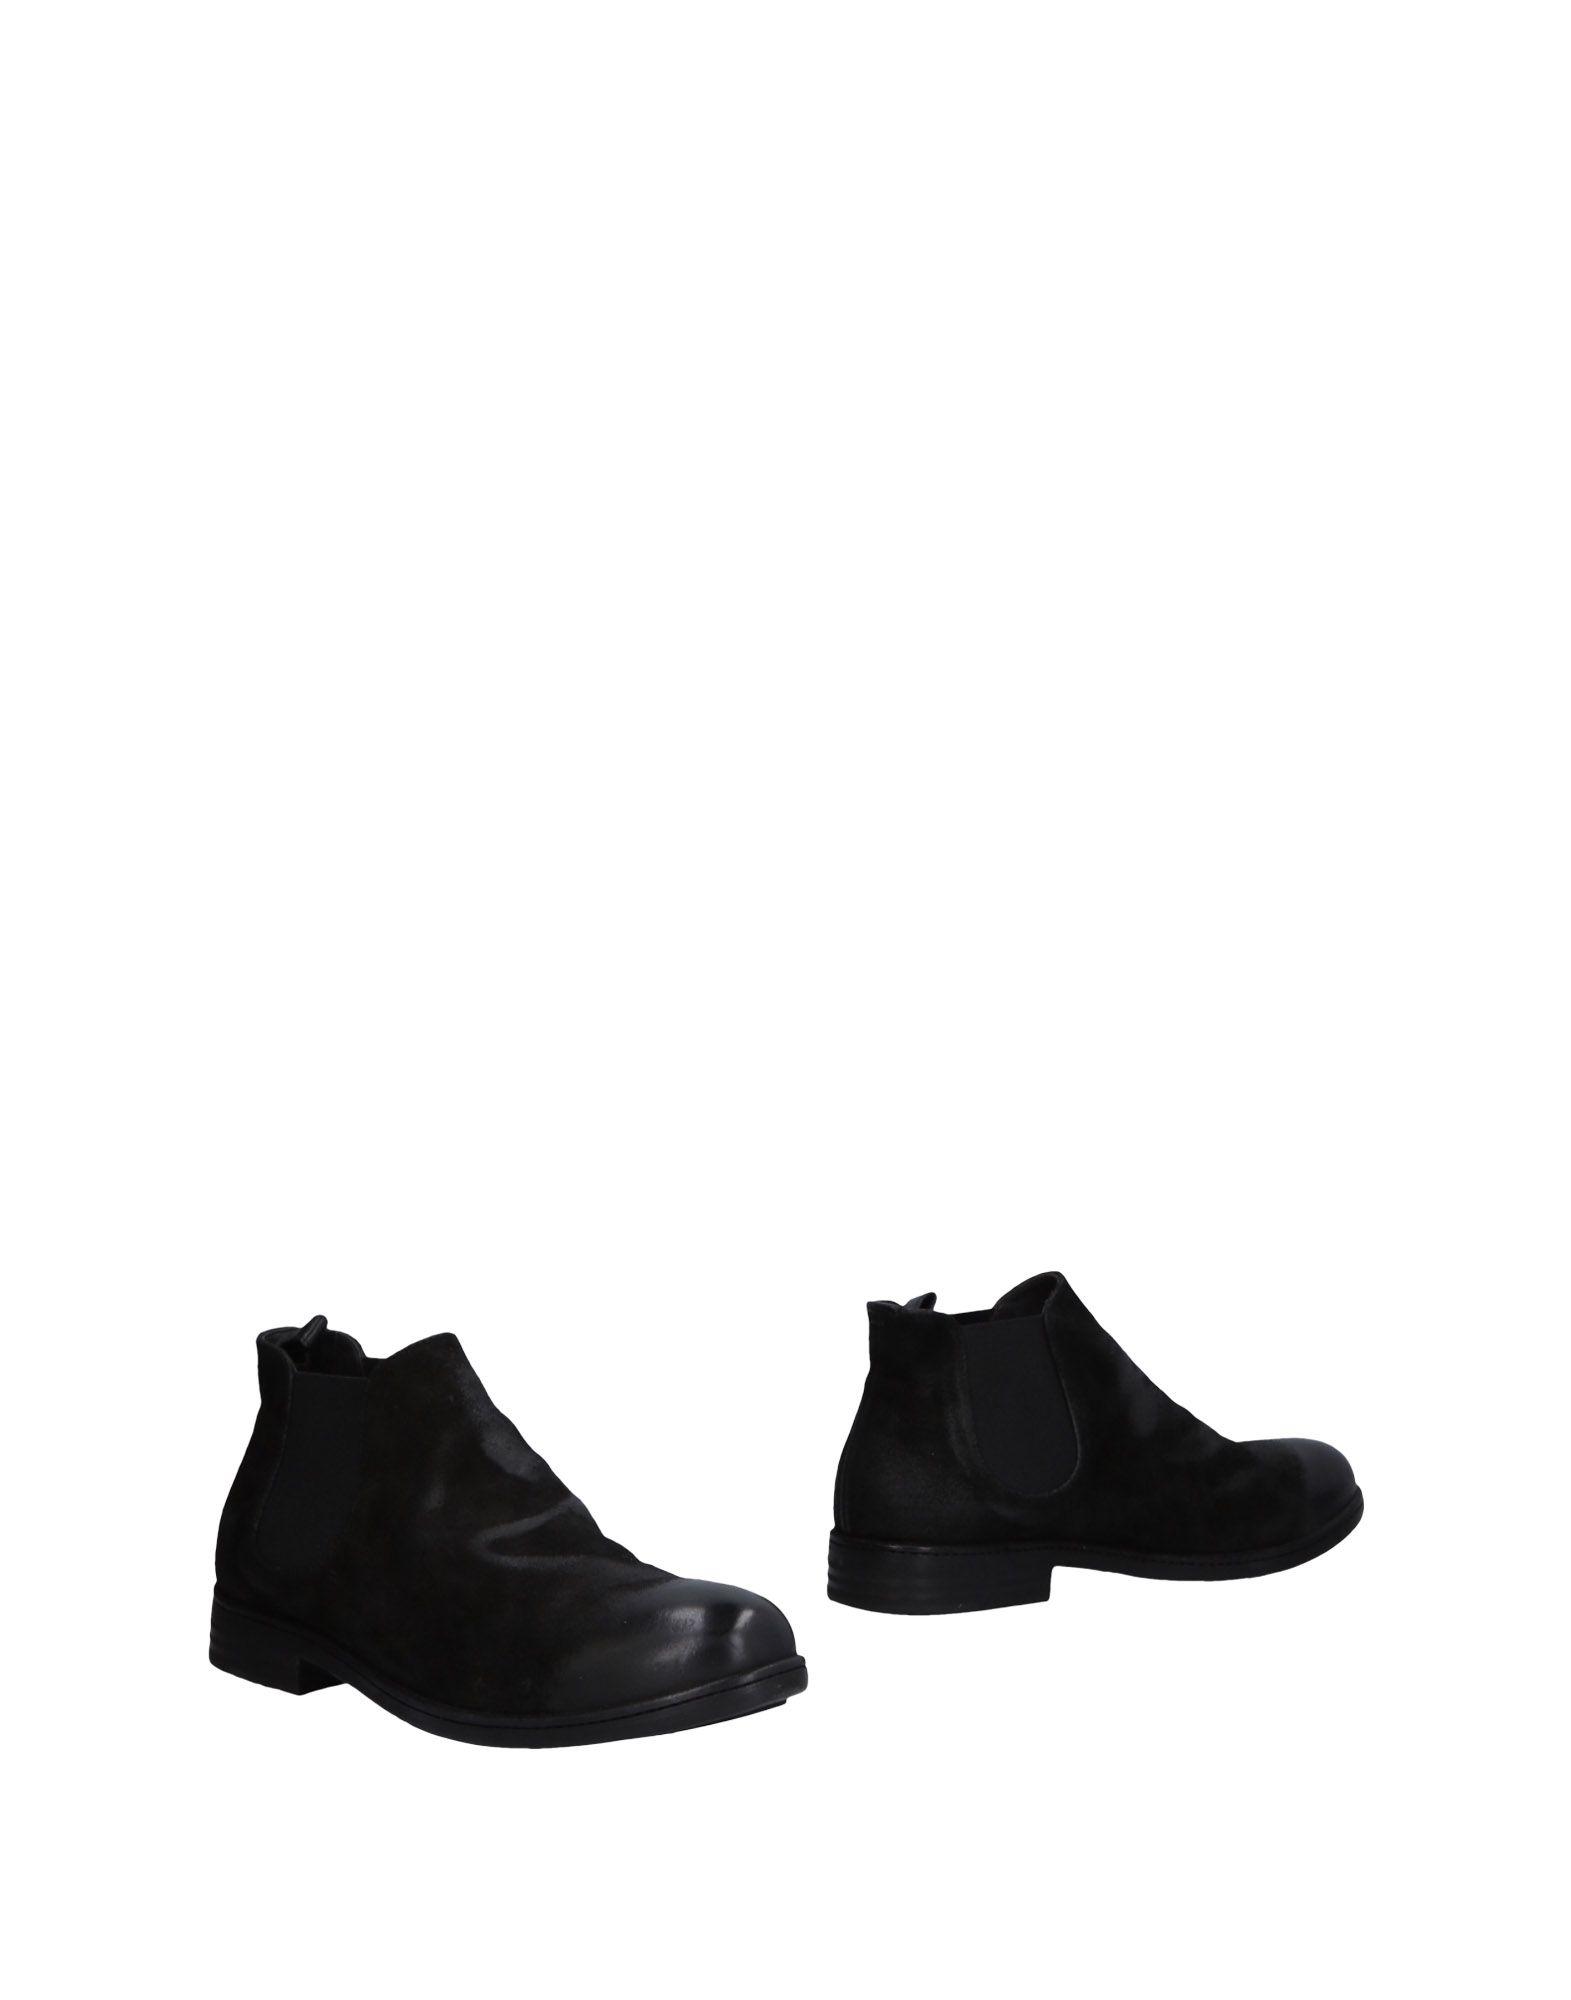 Pantanetti Stiefelette Herren  11474630EM Gute Qualität beliebte Schuhe